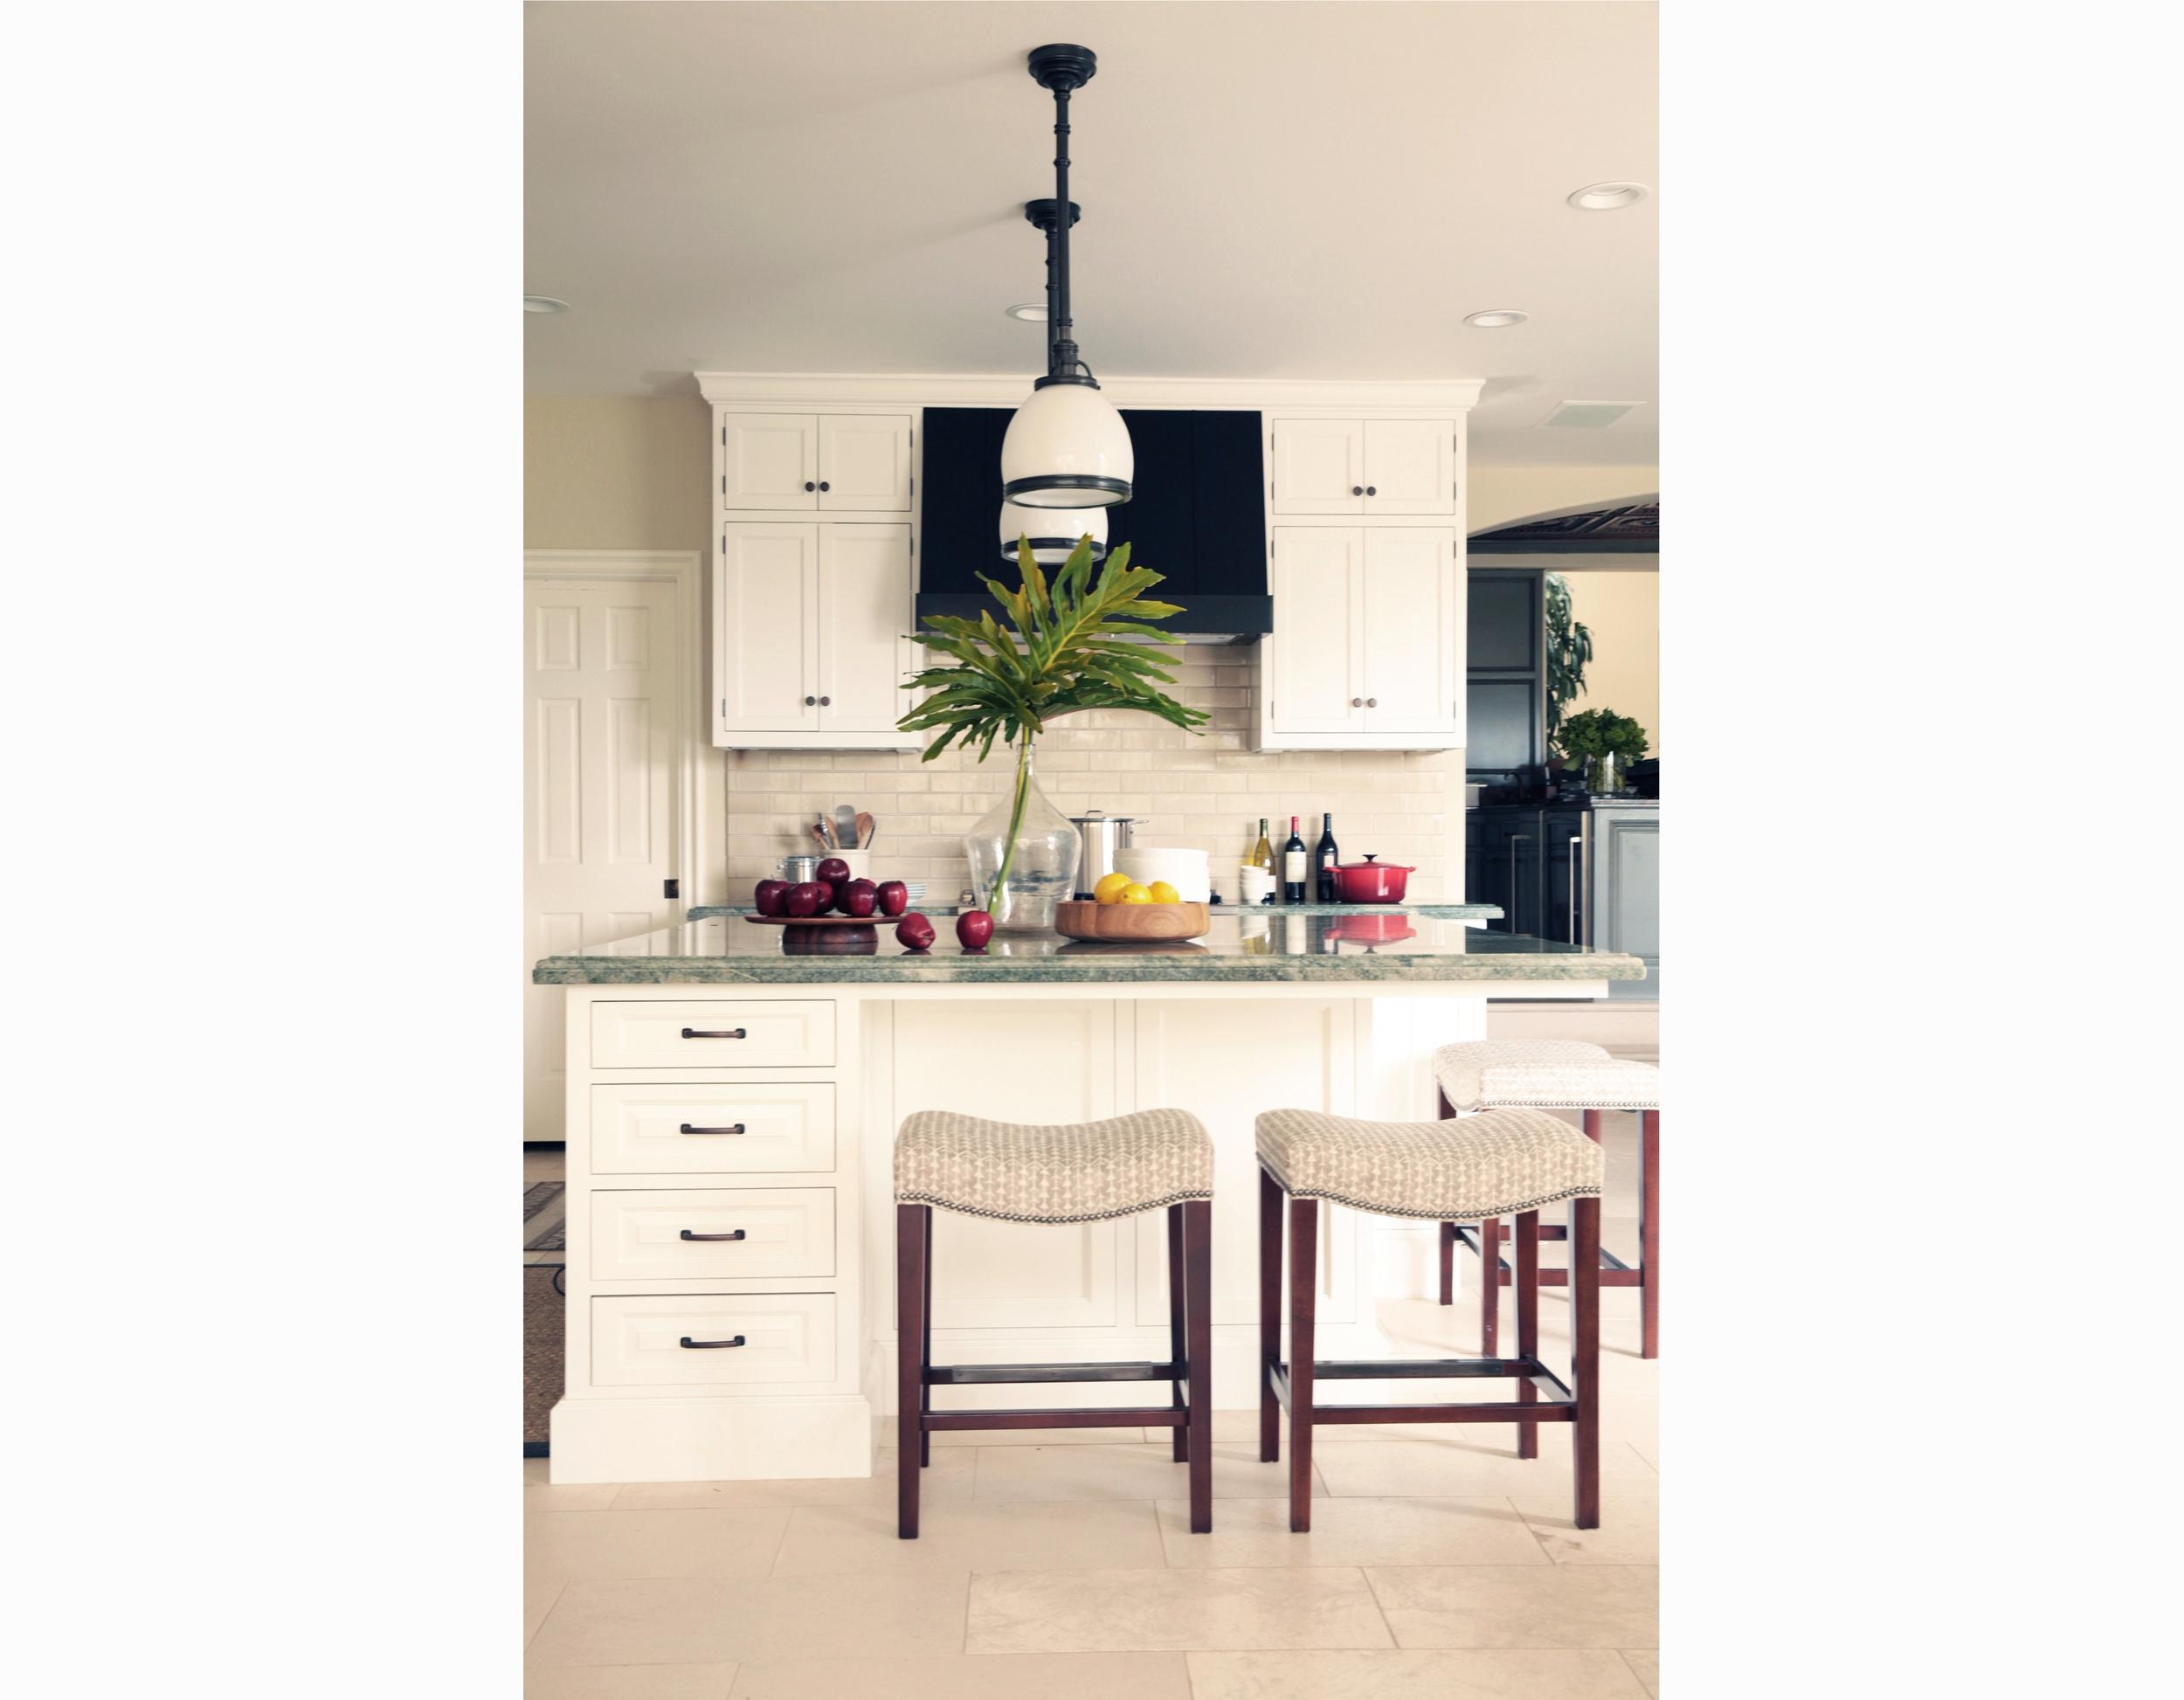 corona del mar kitchen white kitchen interior design orange county brittany stiles 2.jpg